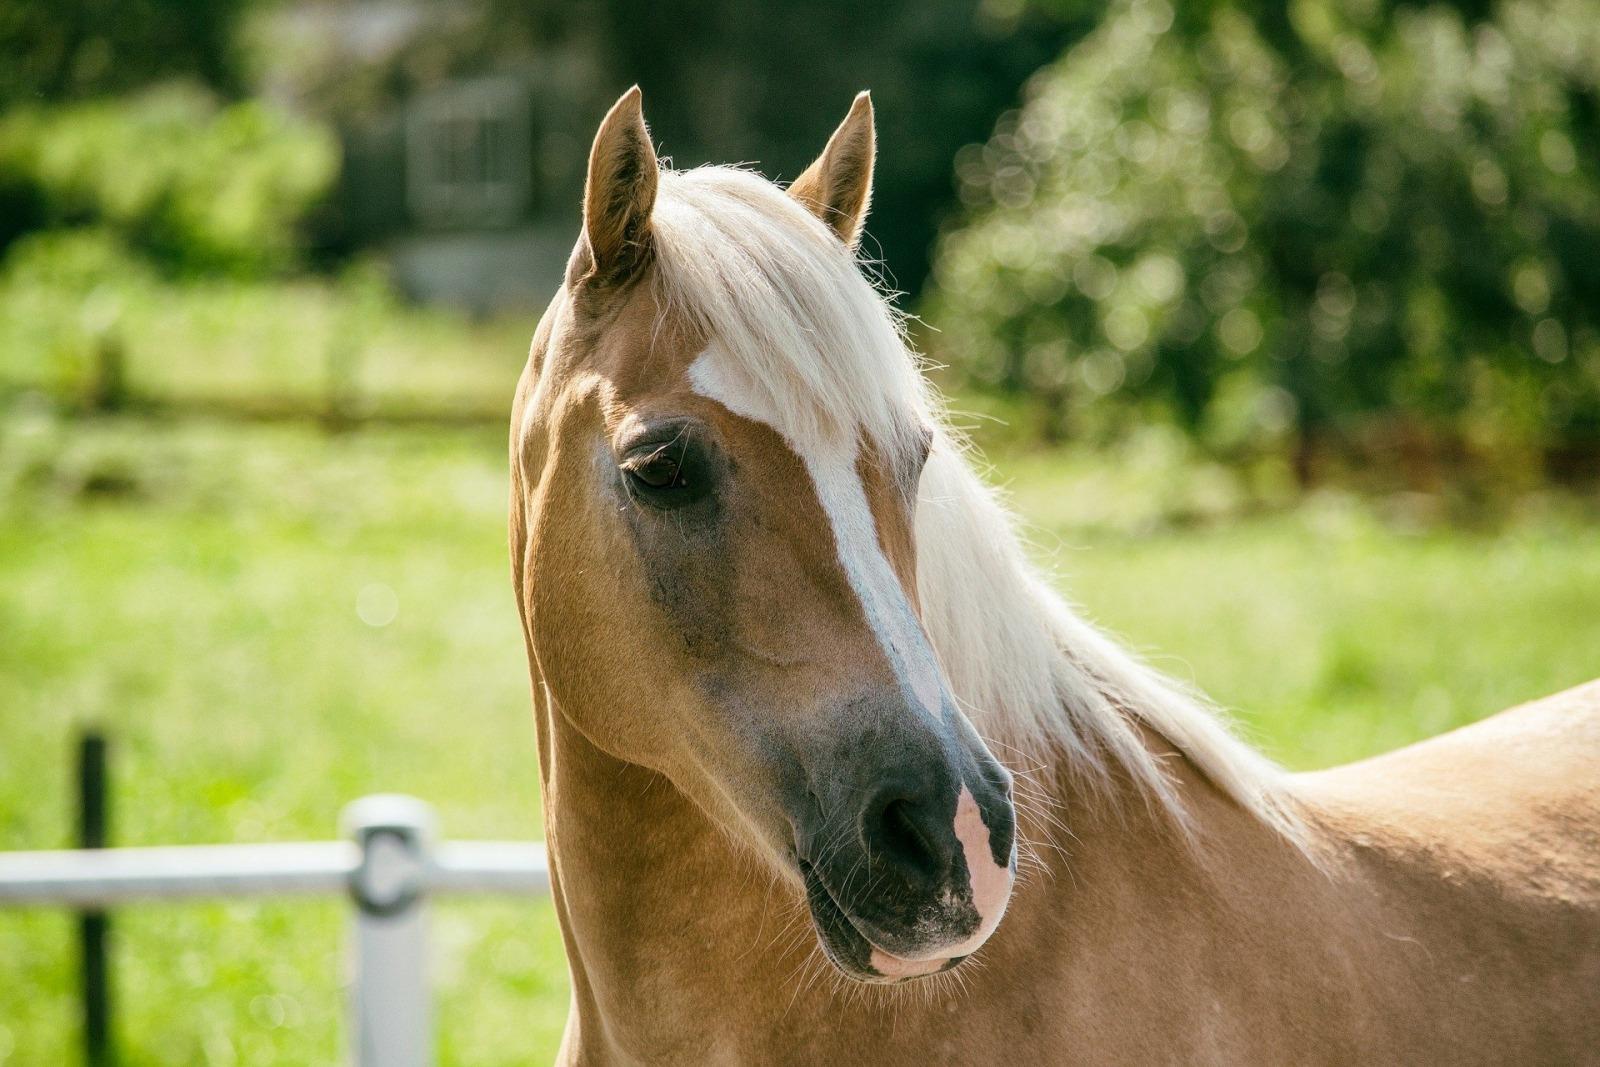 Köp av häst - konsumentköplagen och köplagen, Köp av häst – Konsumentköplagen och köplagen, Rättsakuten